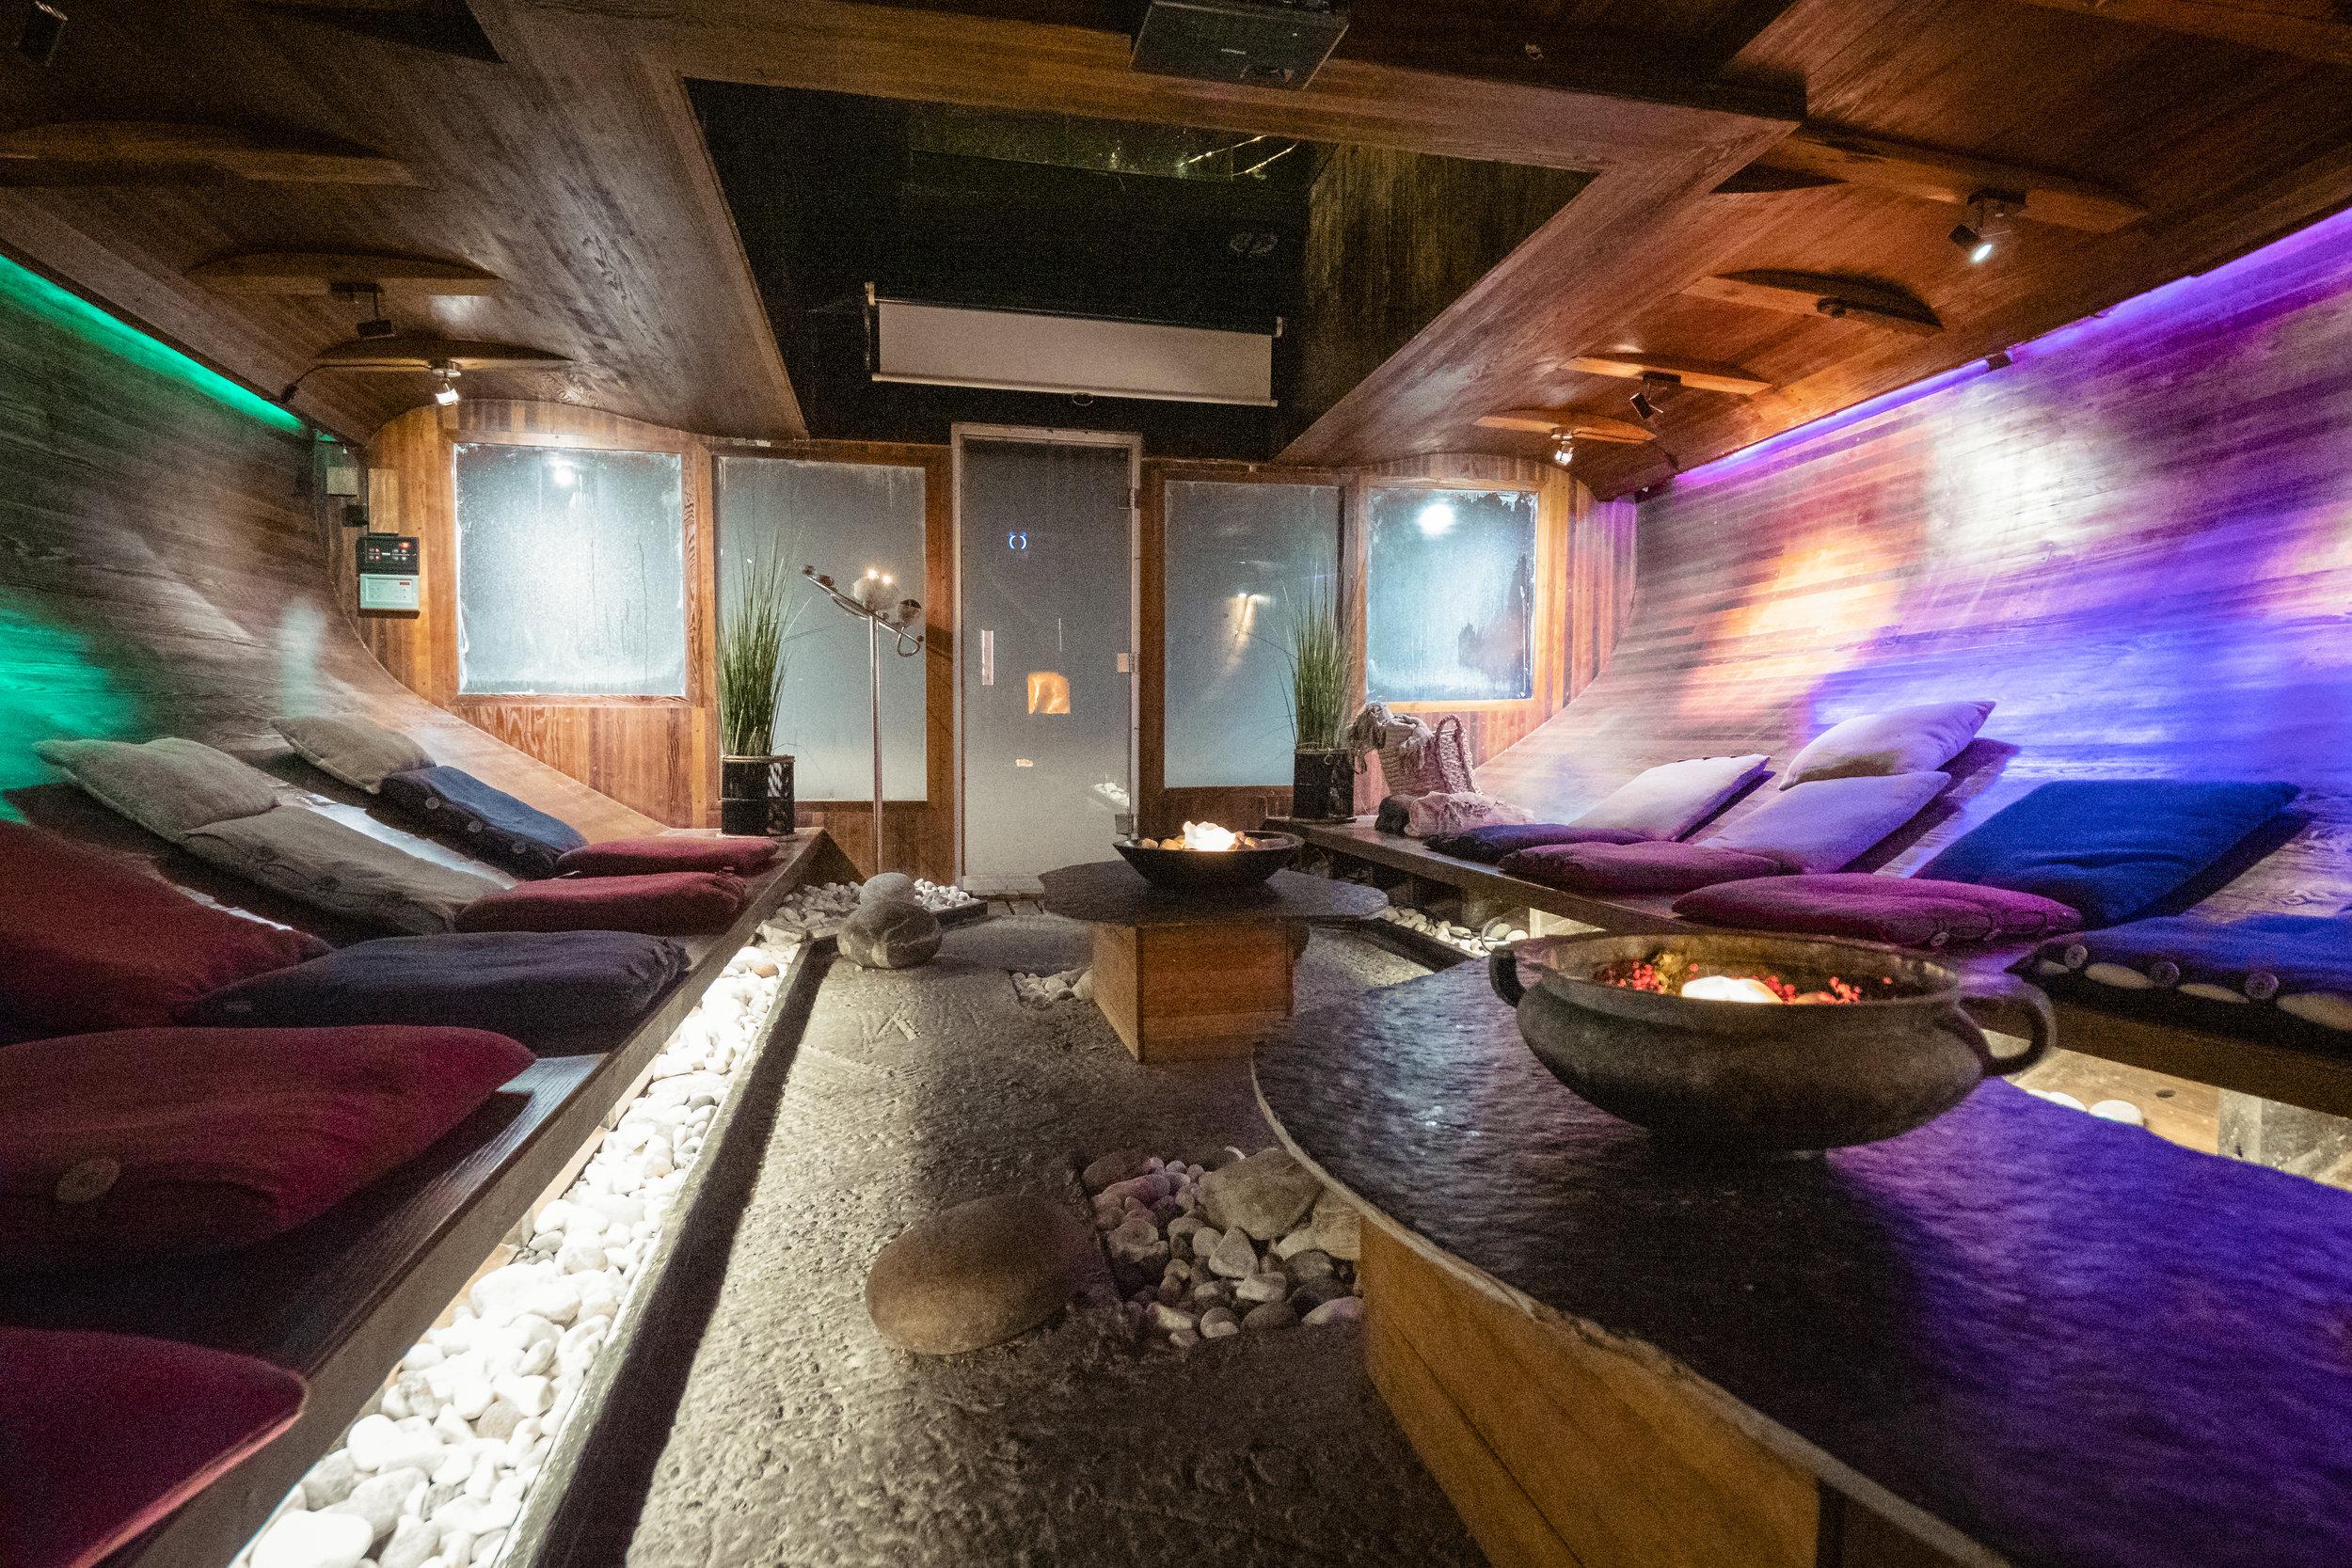 """Vulkana Spa-båt - Hammam, Zen lounge, finsk badstue og badestamp! Unn deg litt ekstra velvære med """"Afternoon Spa Session"""" eller """"Evening Spa"""". Badekåpe og håndklær er inkludert i prisen.Pris: 695,- pr pers NB! Begrensede plasser"""